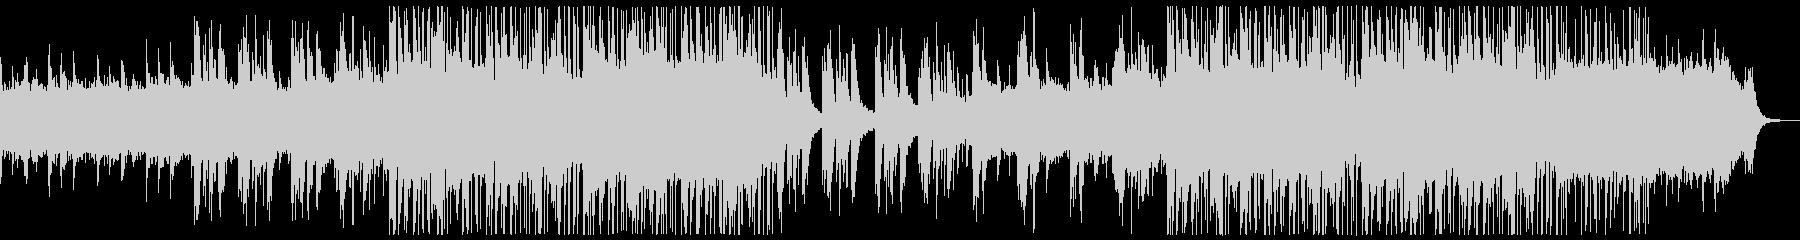 ピアノのゆったりとしたチルポップ。の未再生の波形